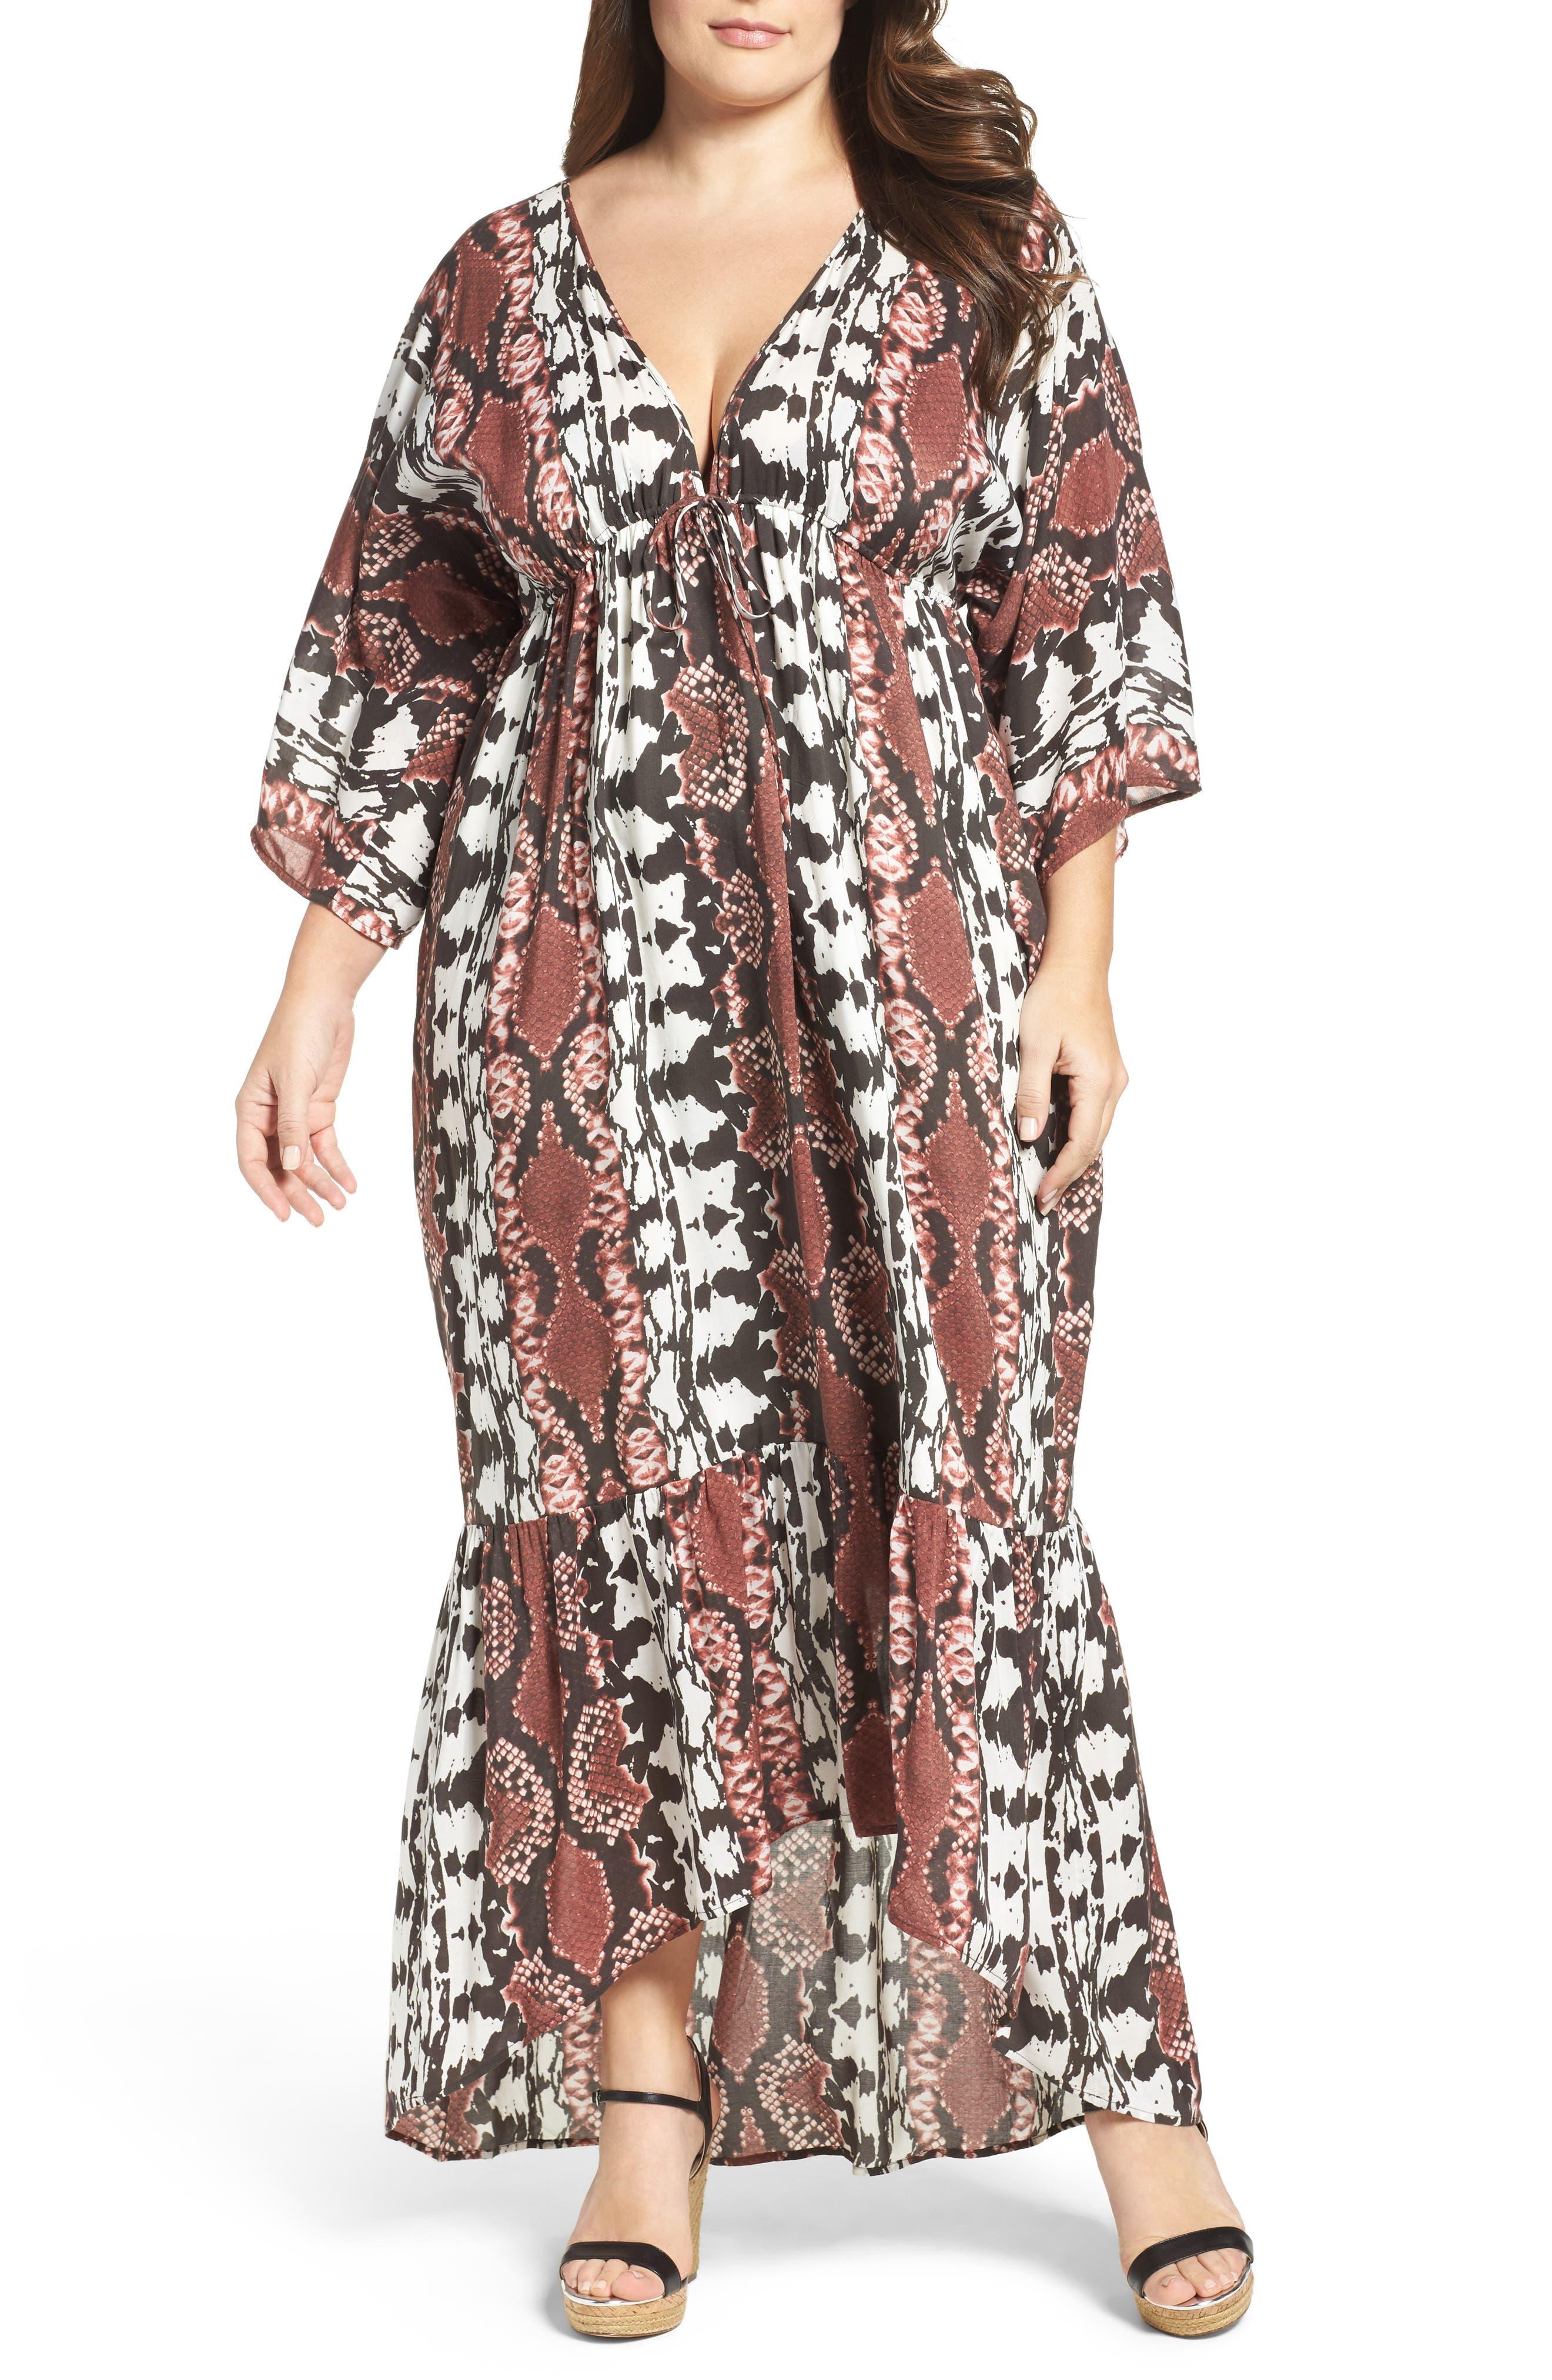 TART Camellia Maxi Dress